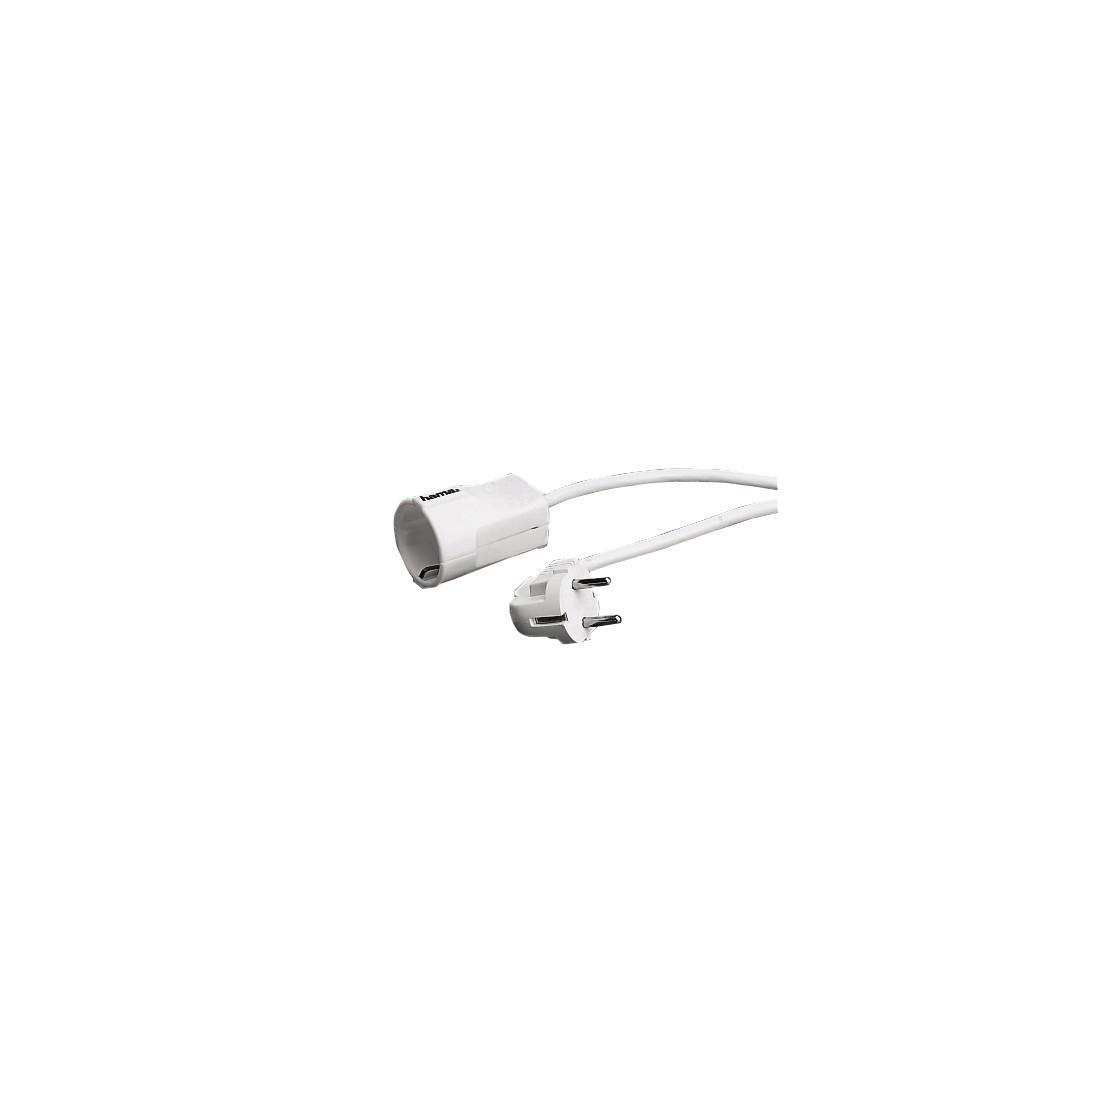 Удължителен захранващ кабел HAMA 110863, Euro Plug, 5 m, Бял